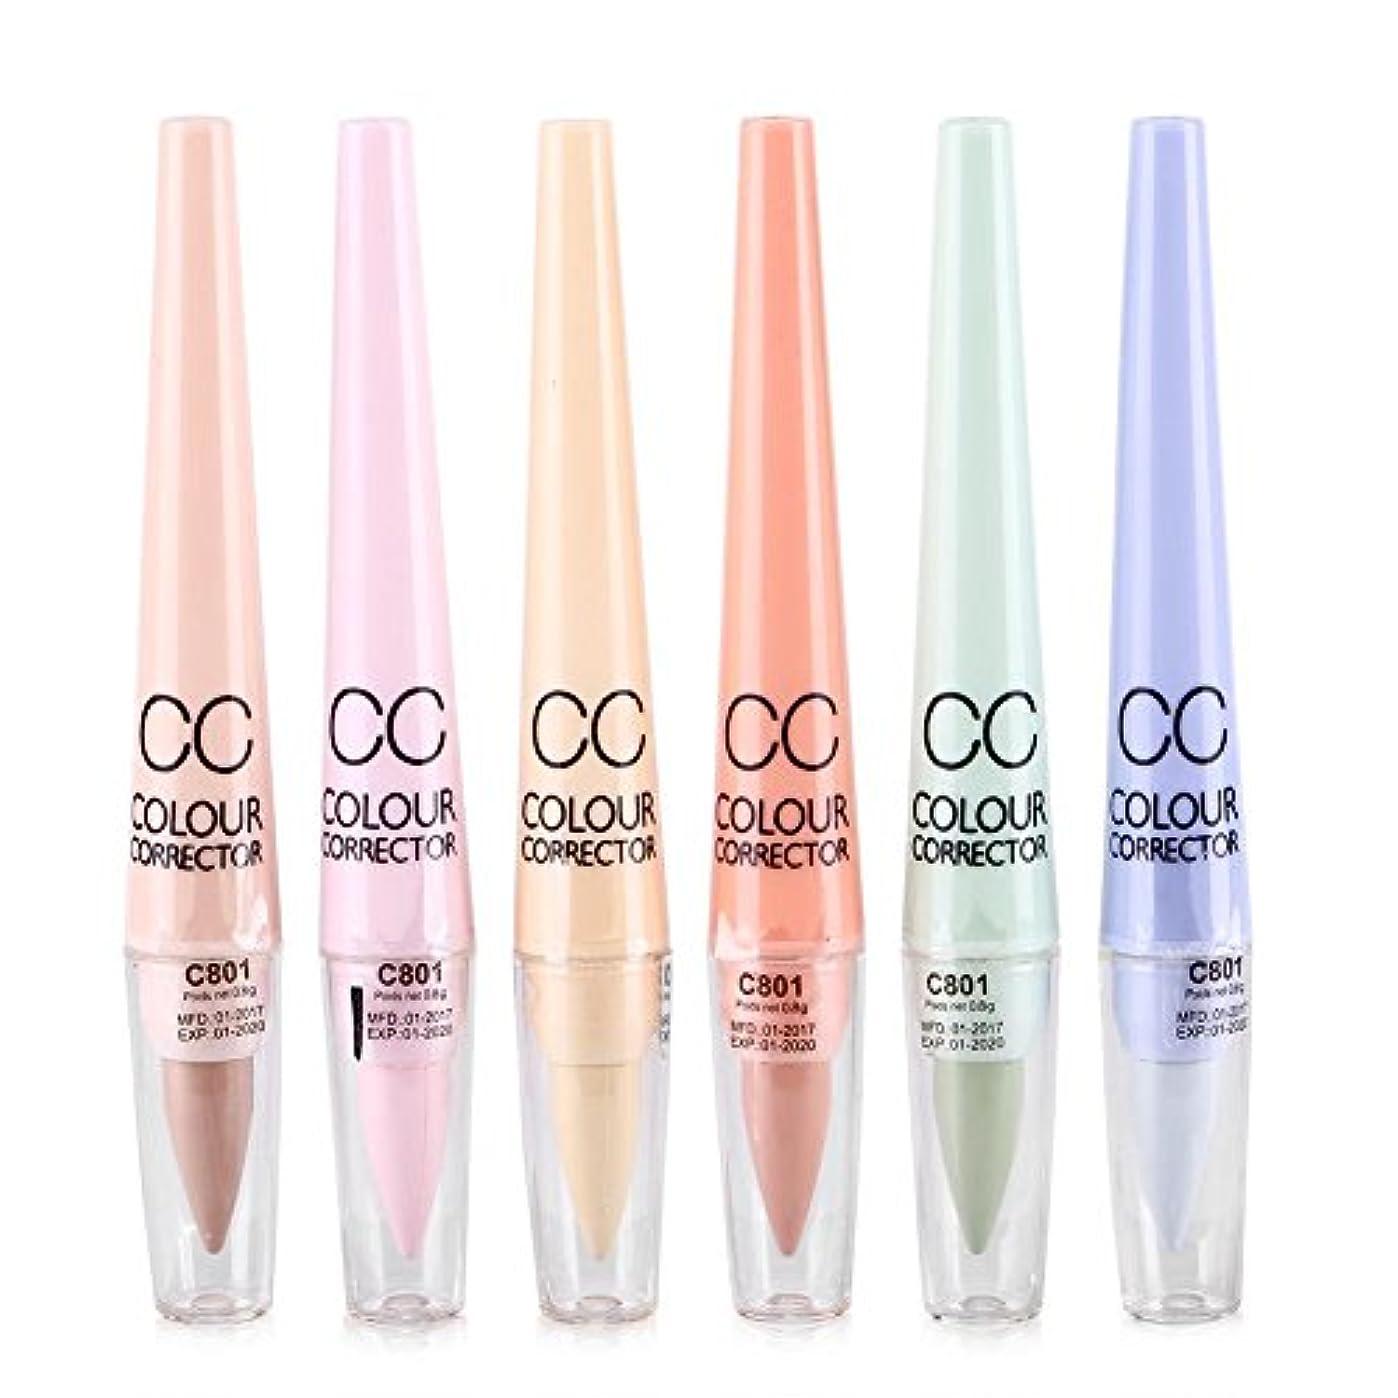 各パシフィック脅迫6本/セット化粧品CCカラーコンシーラーの目ダークサークルスポット鈍さ正しいペンシル蛍光ペン